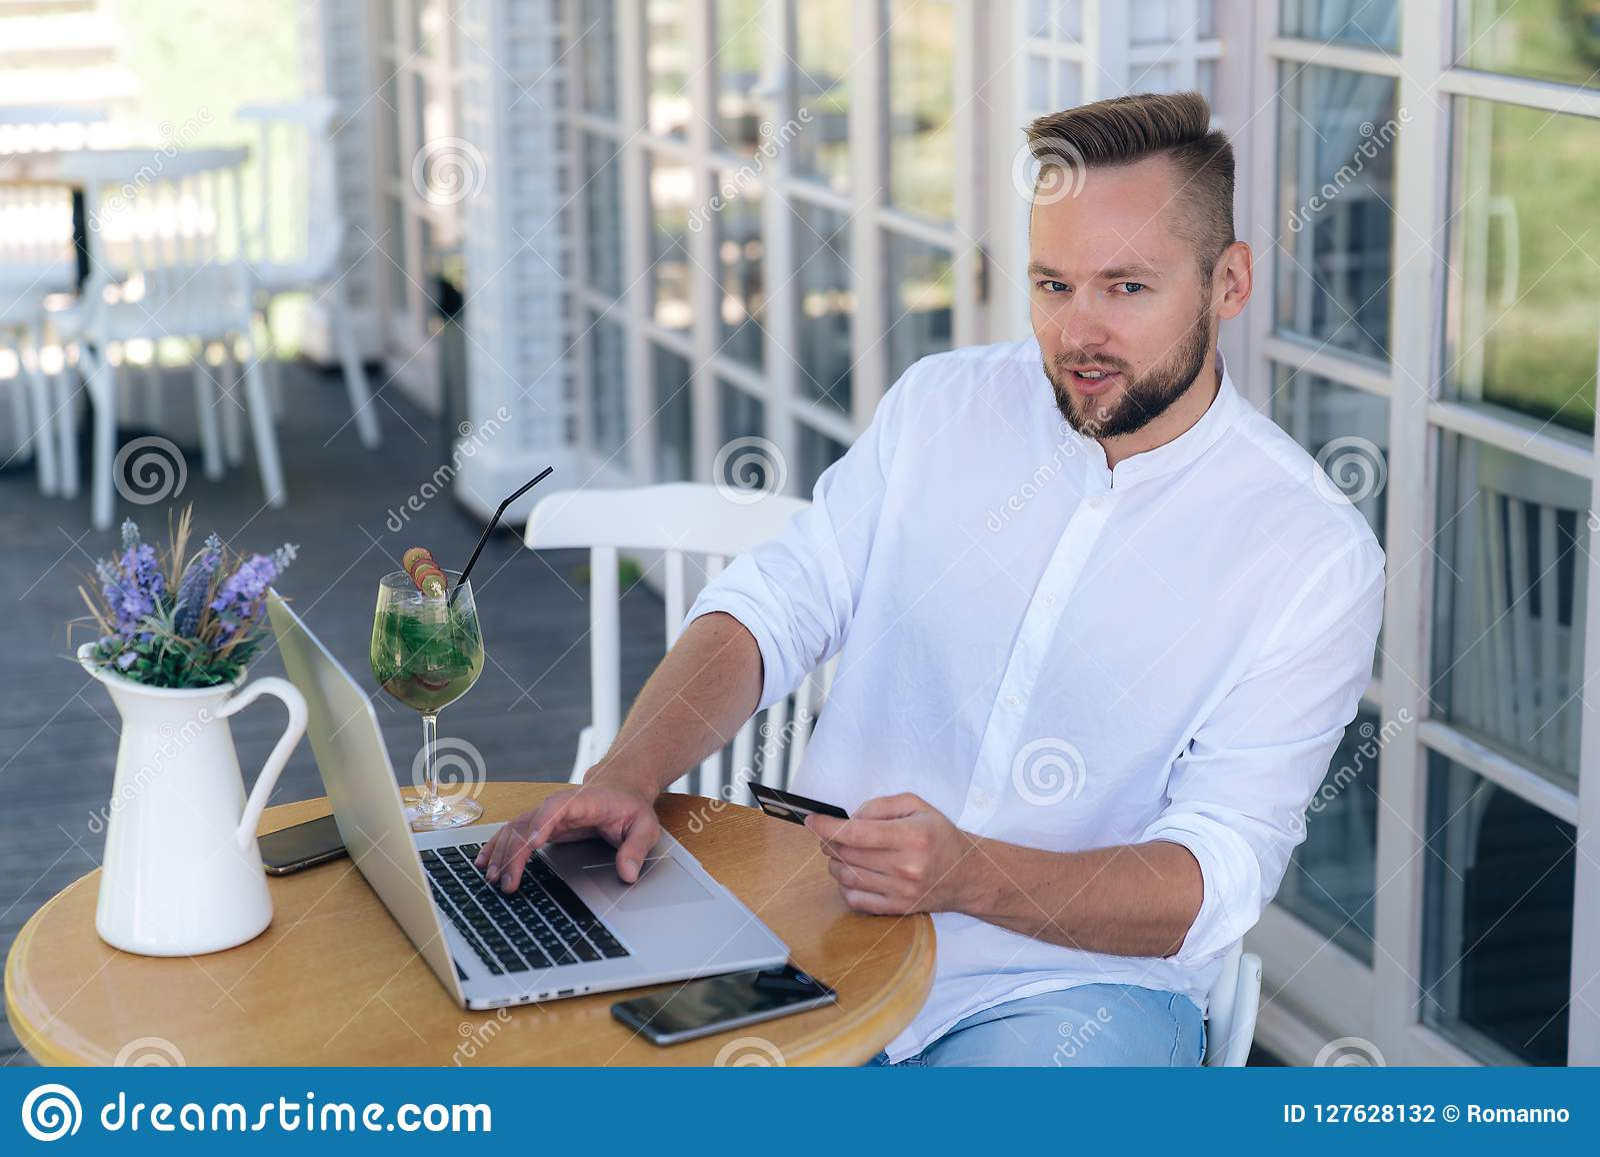 Ein attraktiver stilvoller junger Mann arbeitet in einem Café, leistet Zahlungen von einer Bankkarte im Internet, verwendet einen